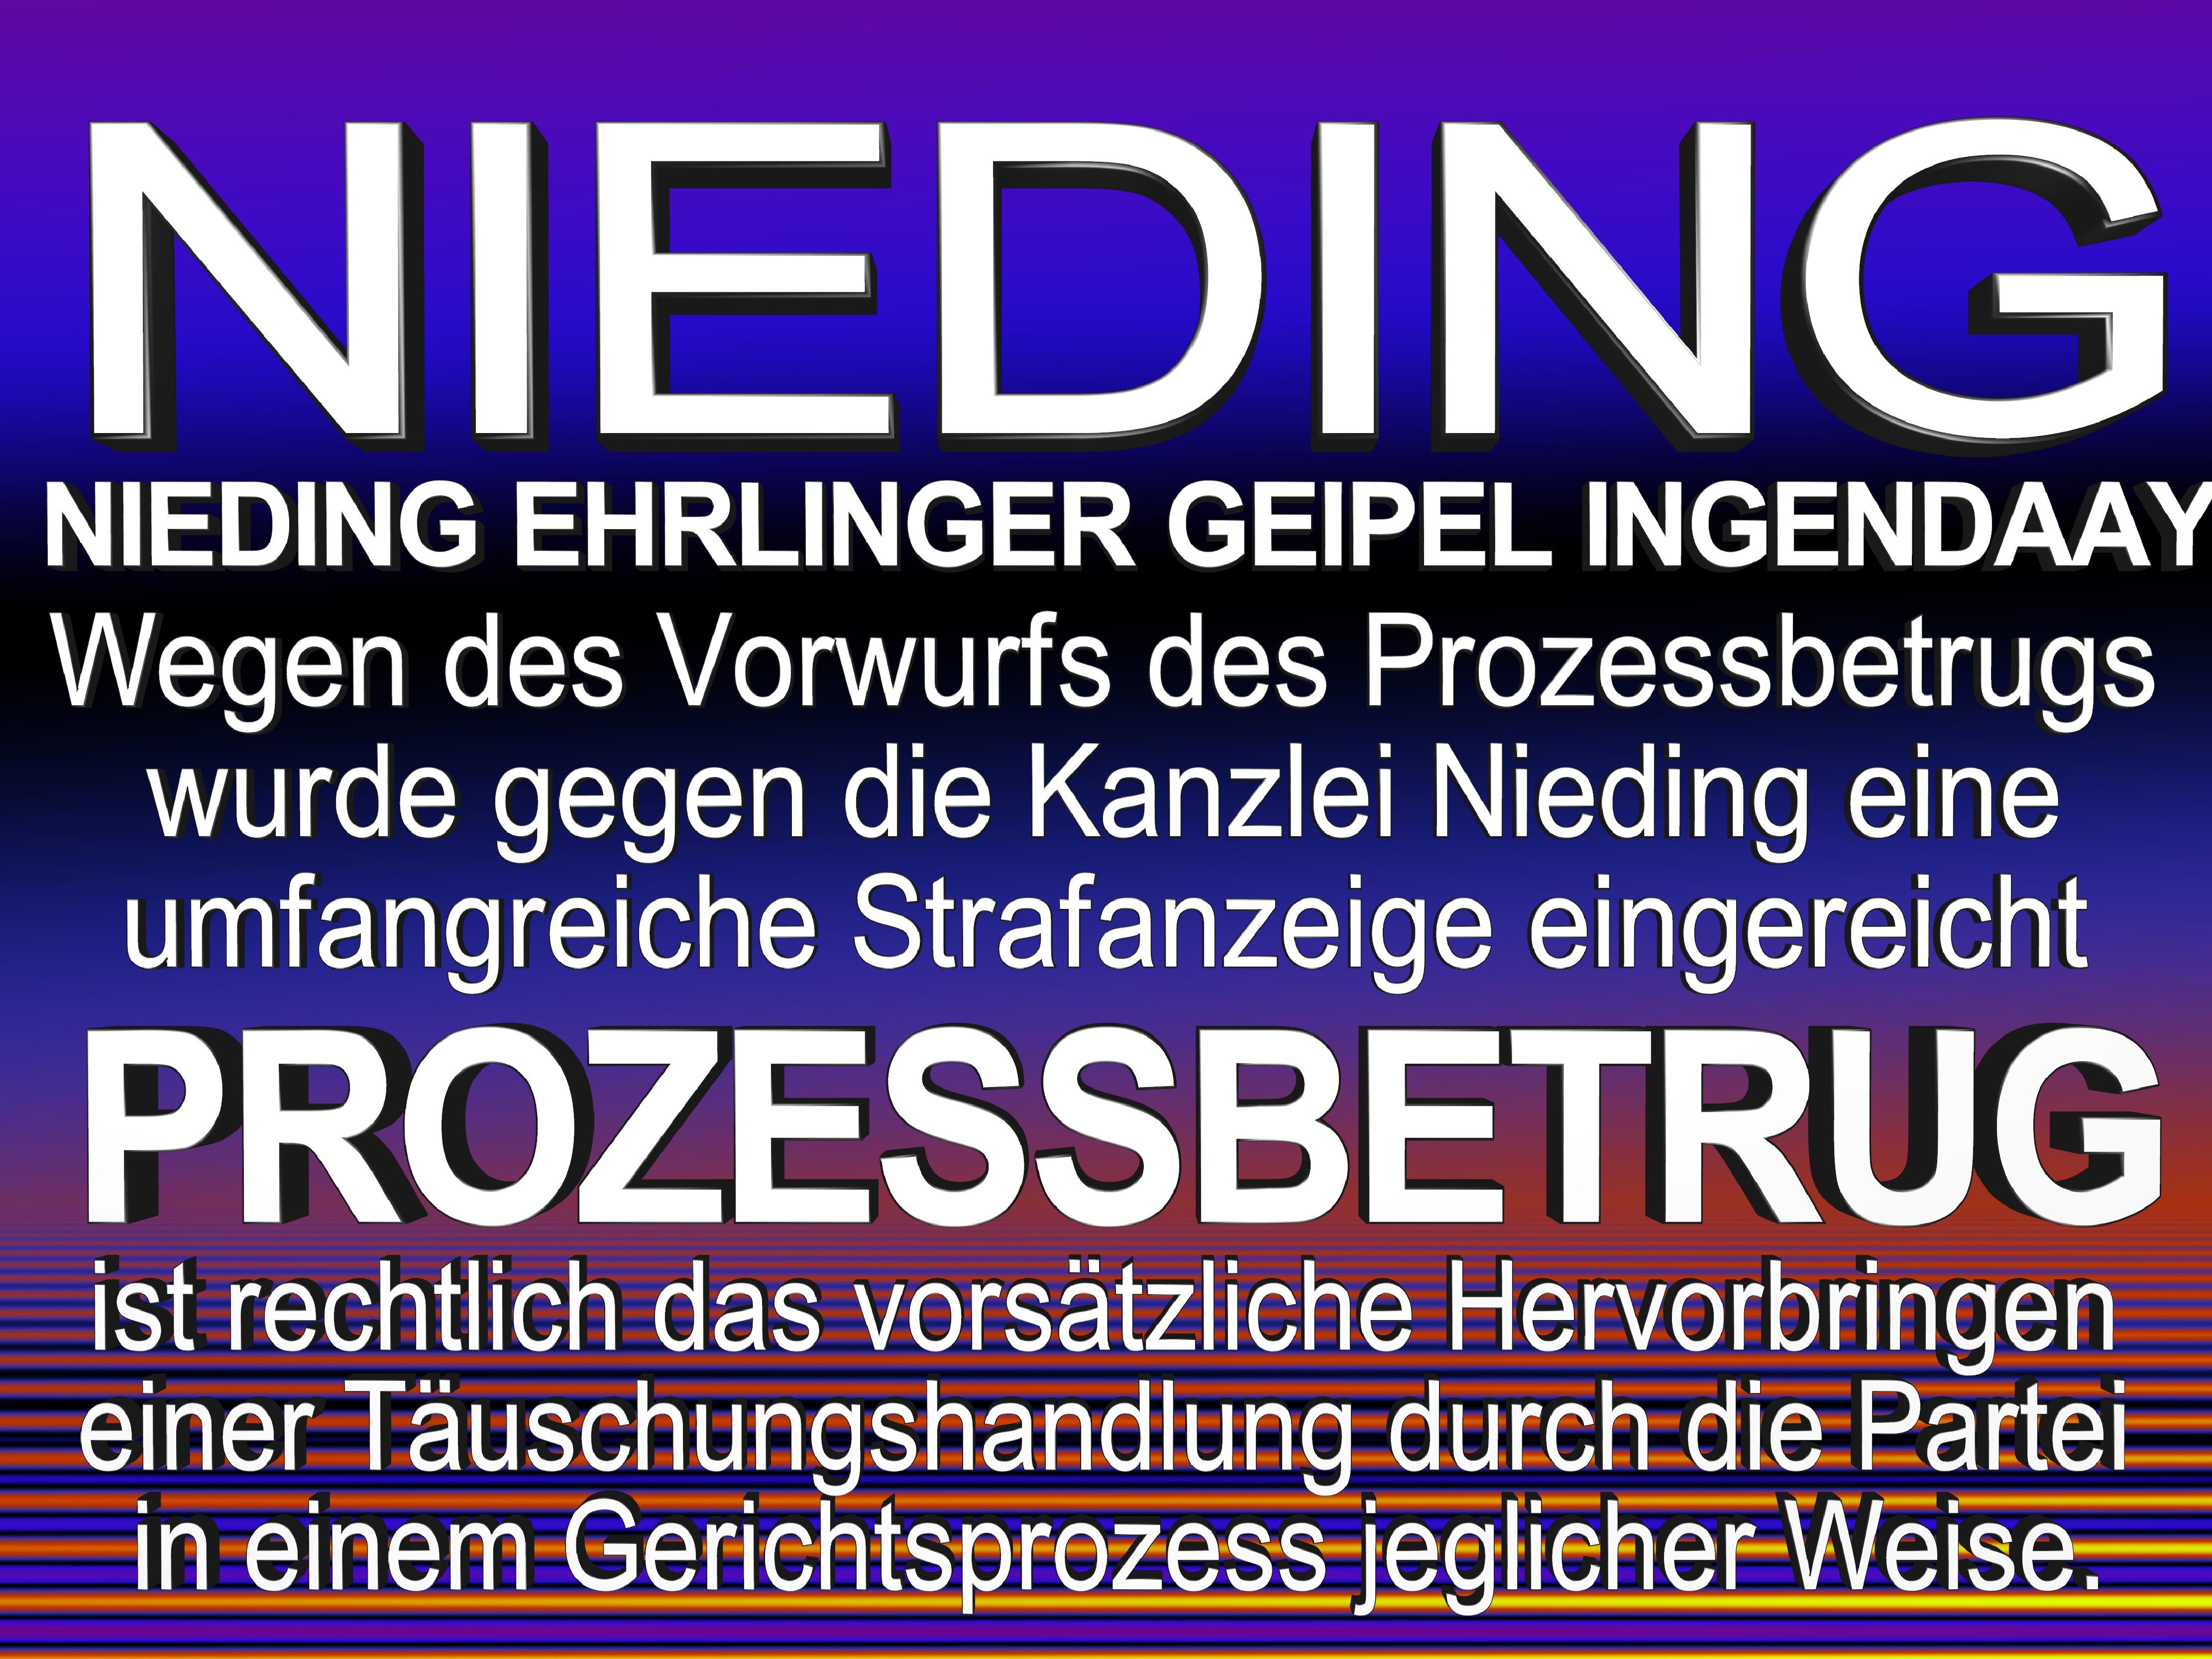 NIEDING EHRLINGER GEIPEL INGENDAAY LELKE Kurfürstendamm 66 Berlin (17)